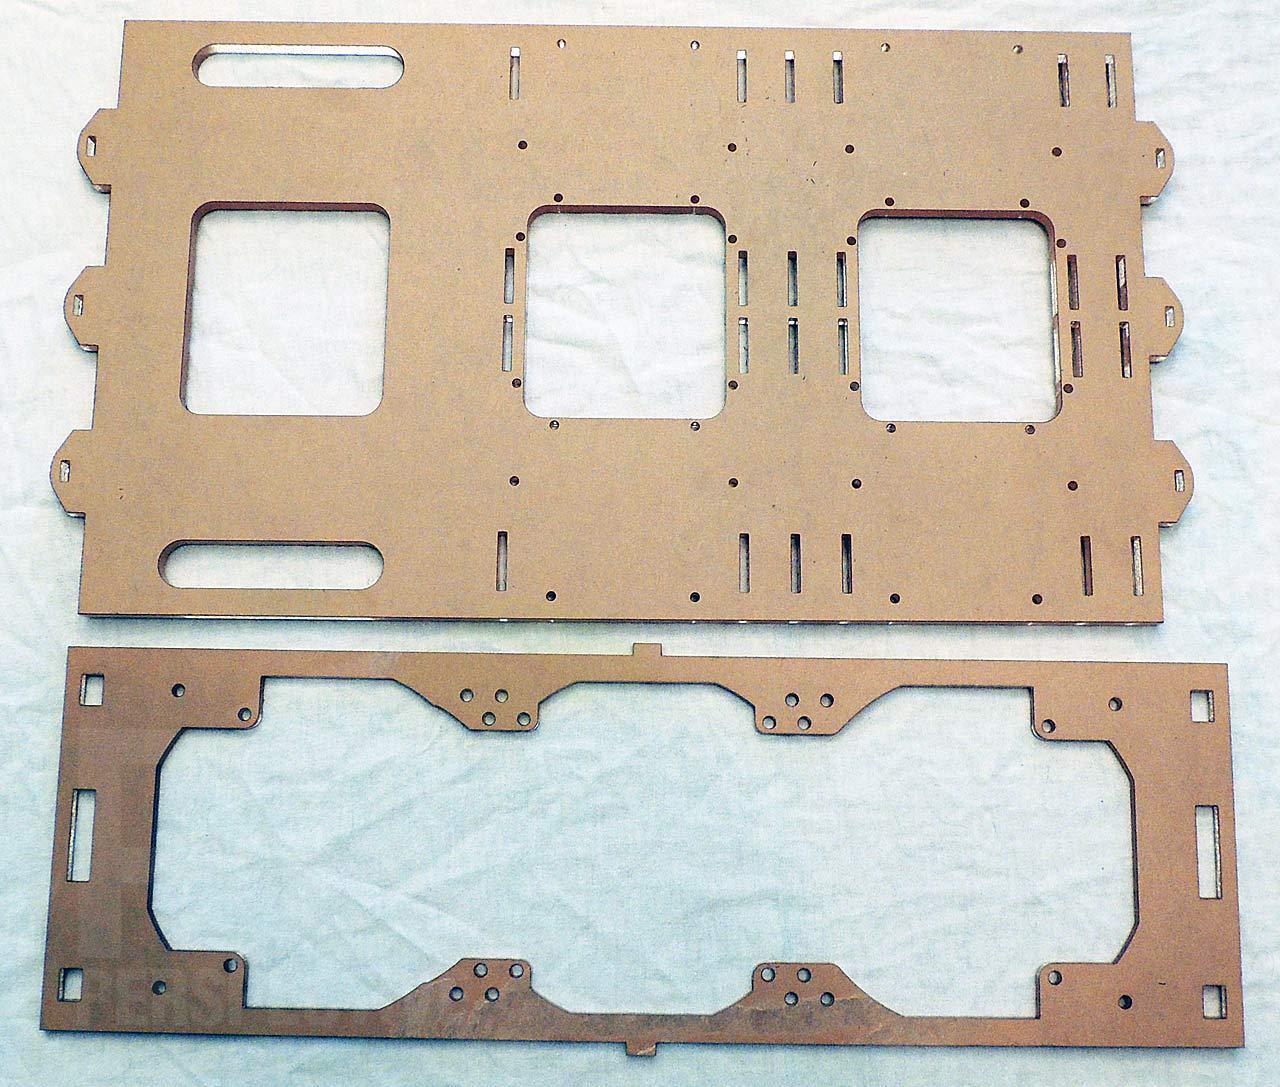 01-bottom-back-trays-0.jpg